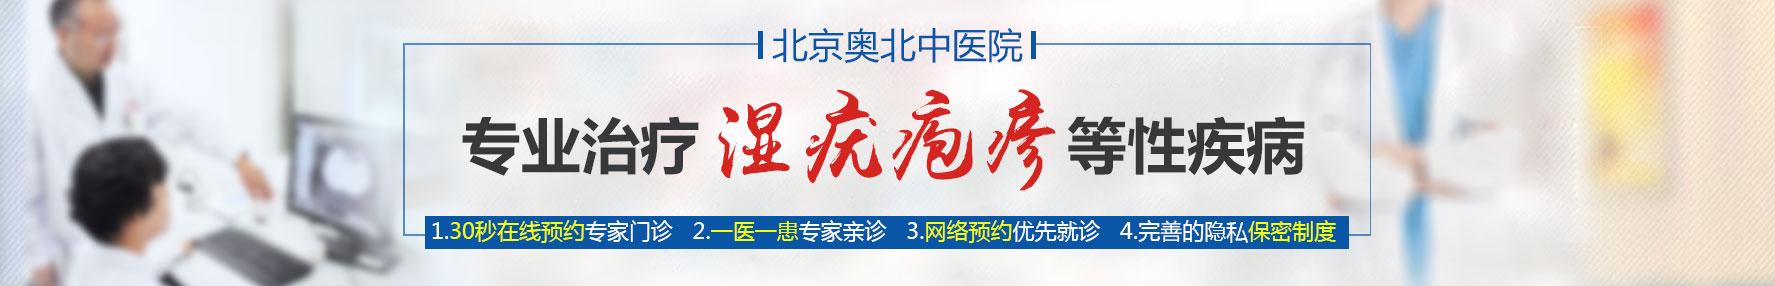 北京尖锐湿疣医院哪家好